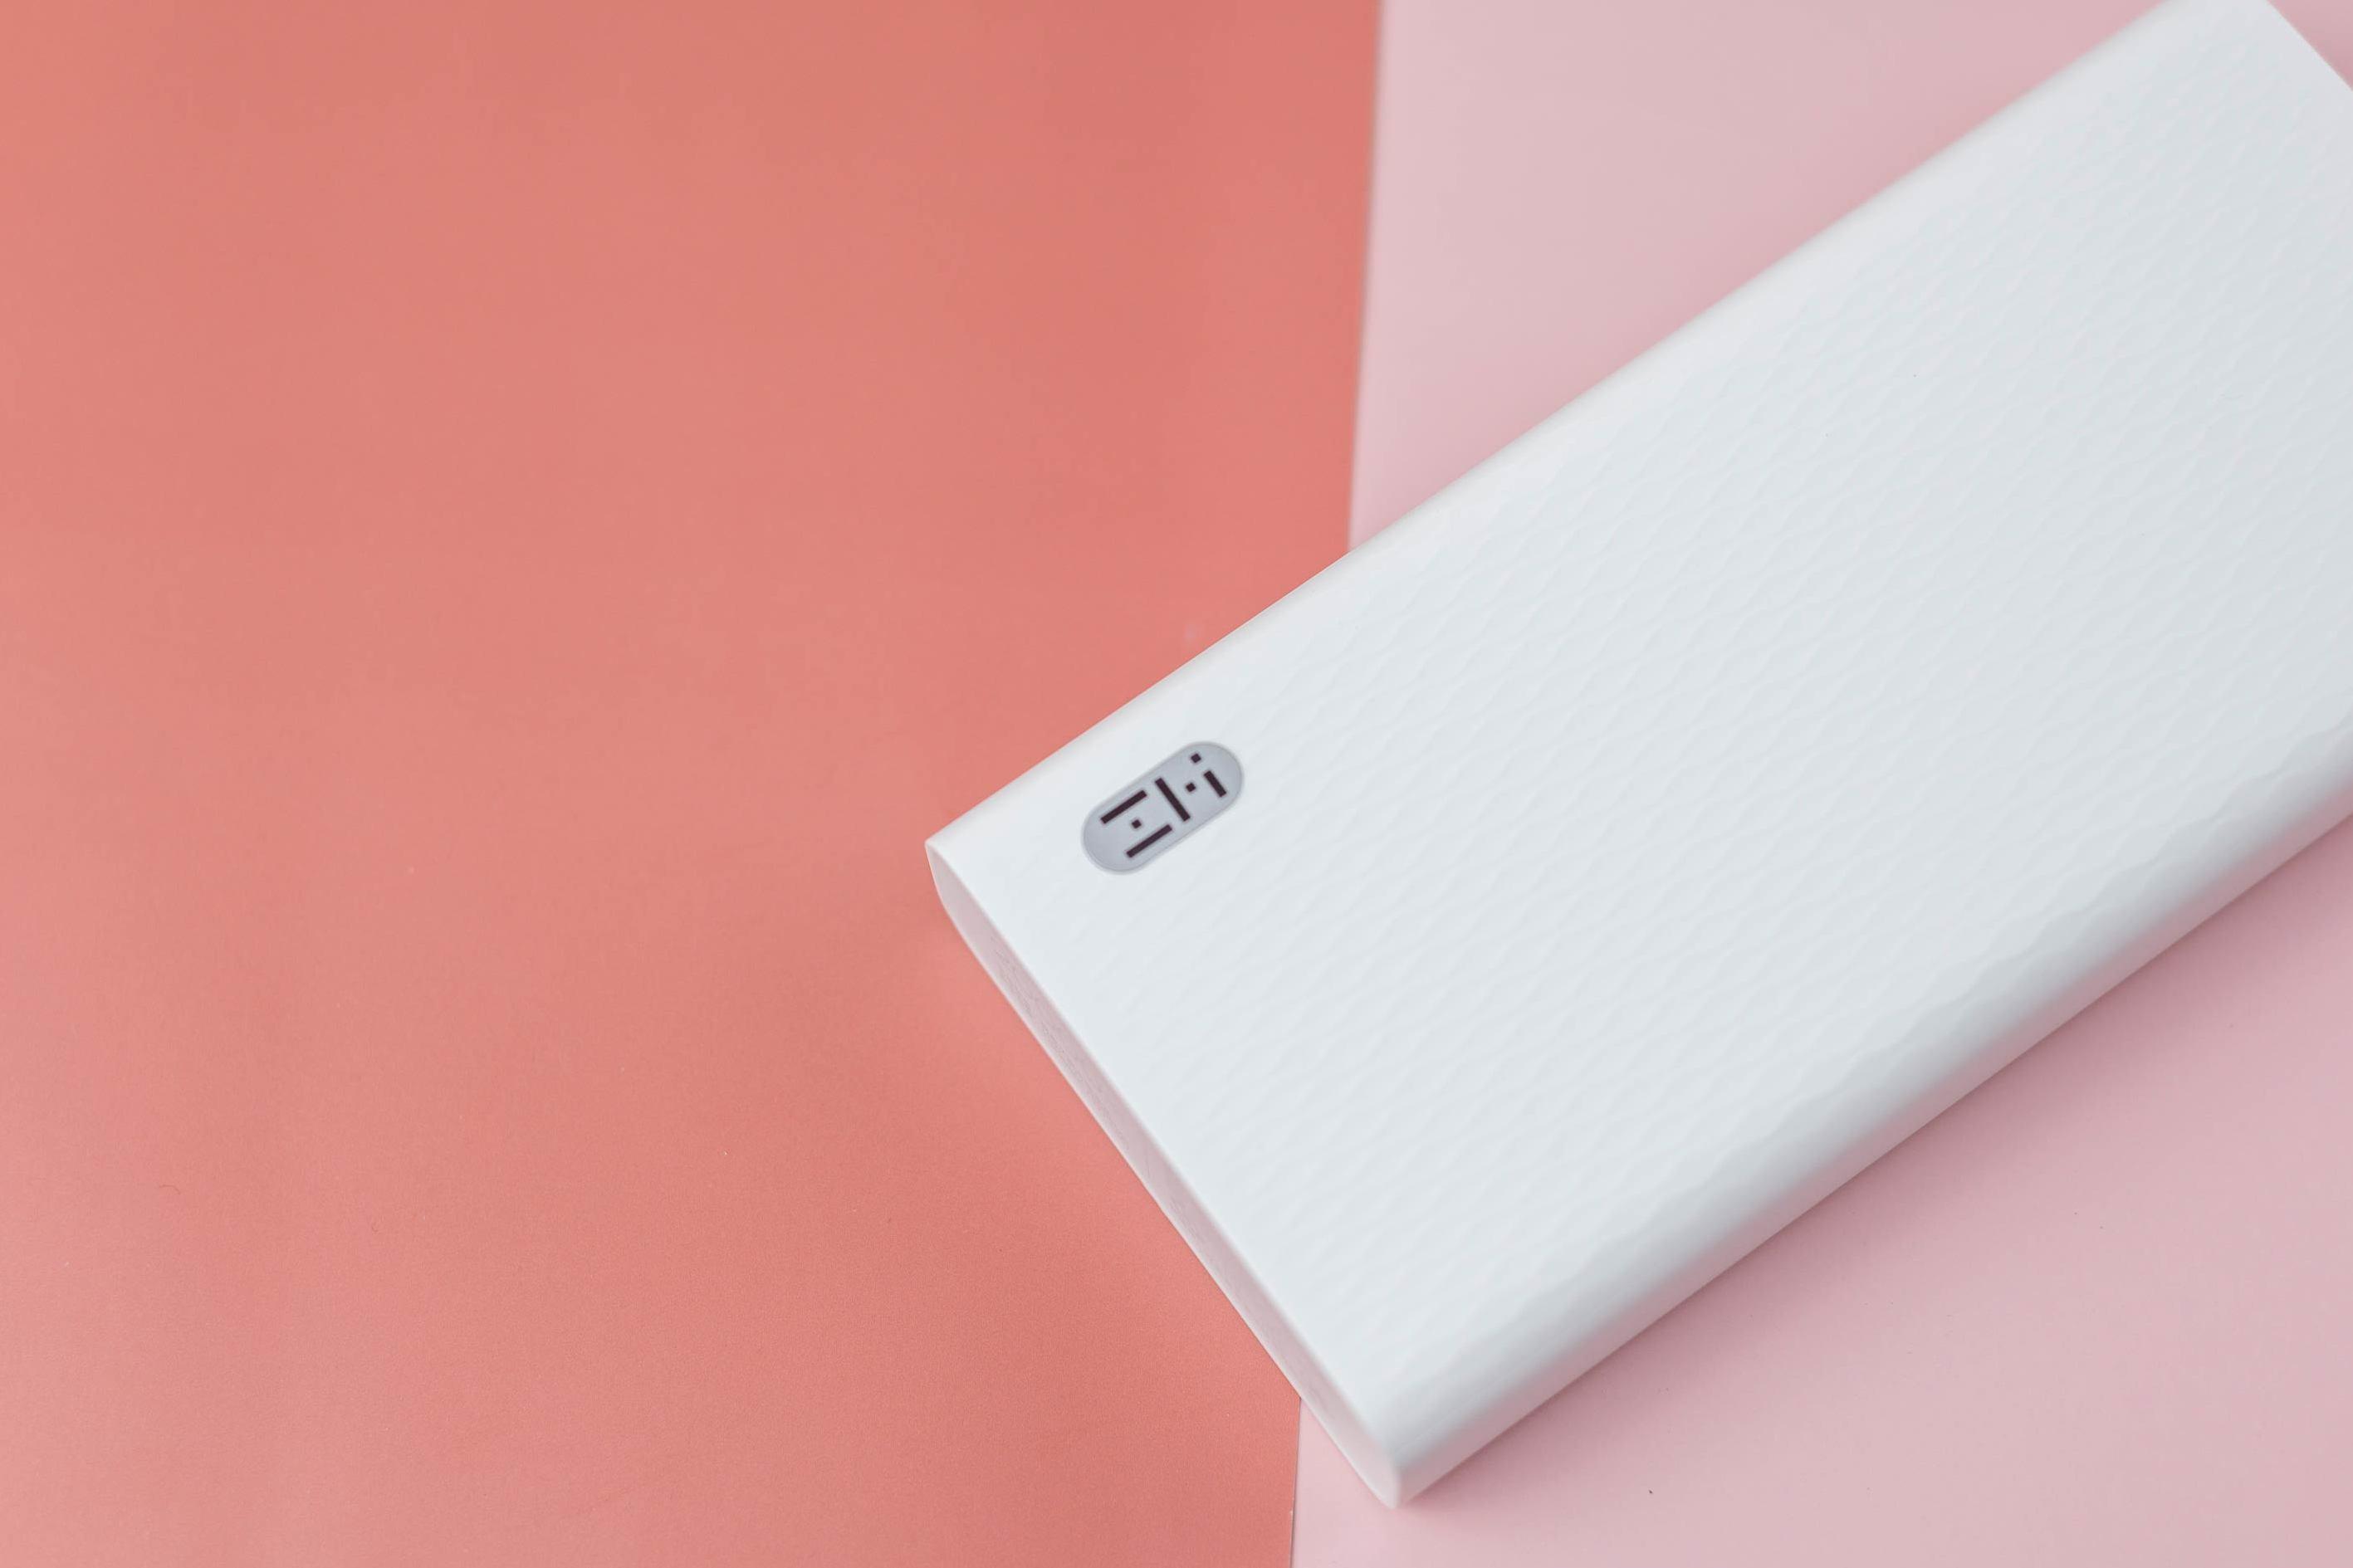 ZMI新品2W毫安充电宝,售价129元到底香不香?